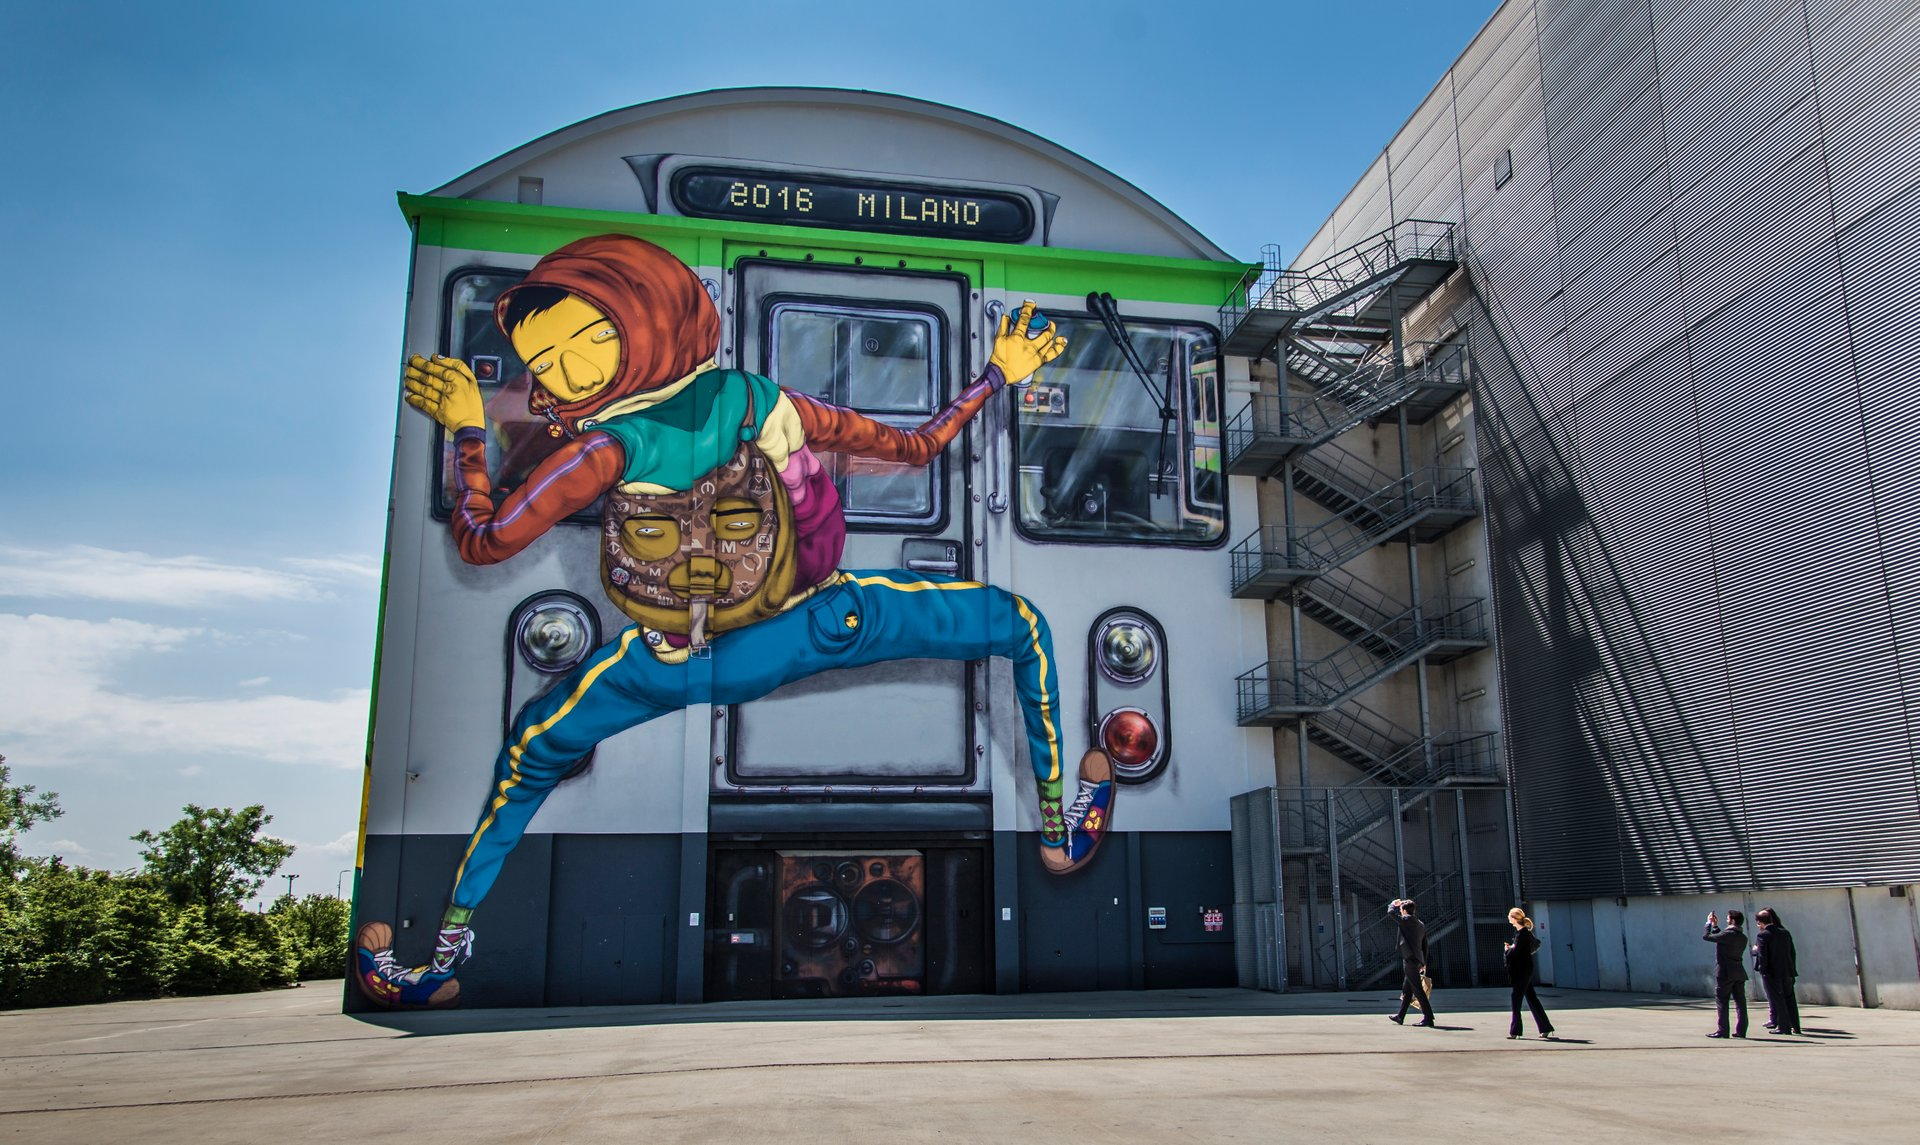 Isola Street Art in Milan - Best Season 2020